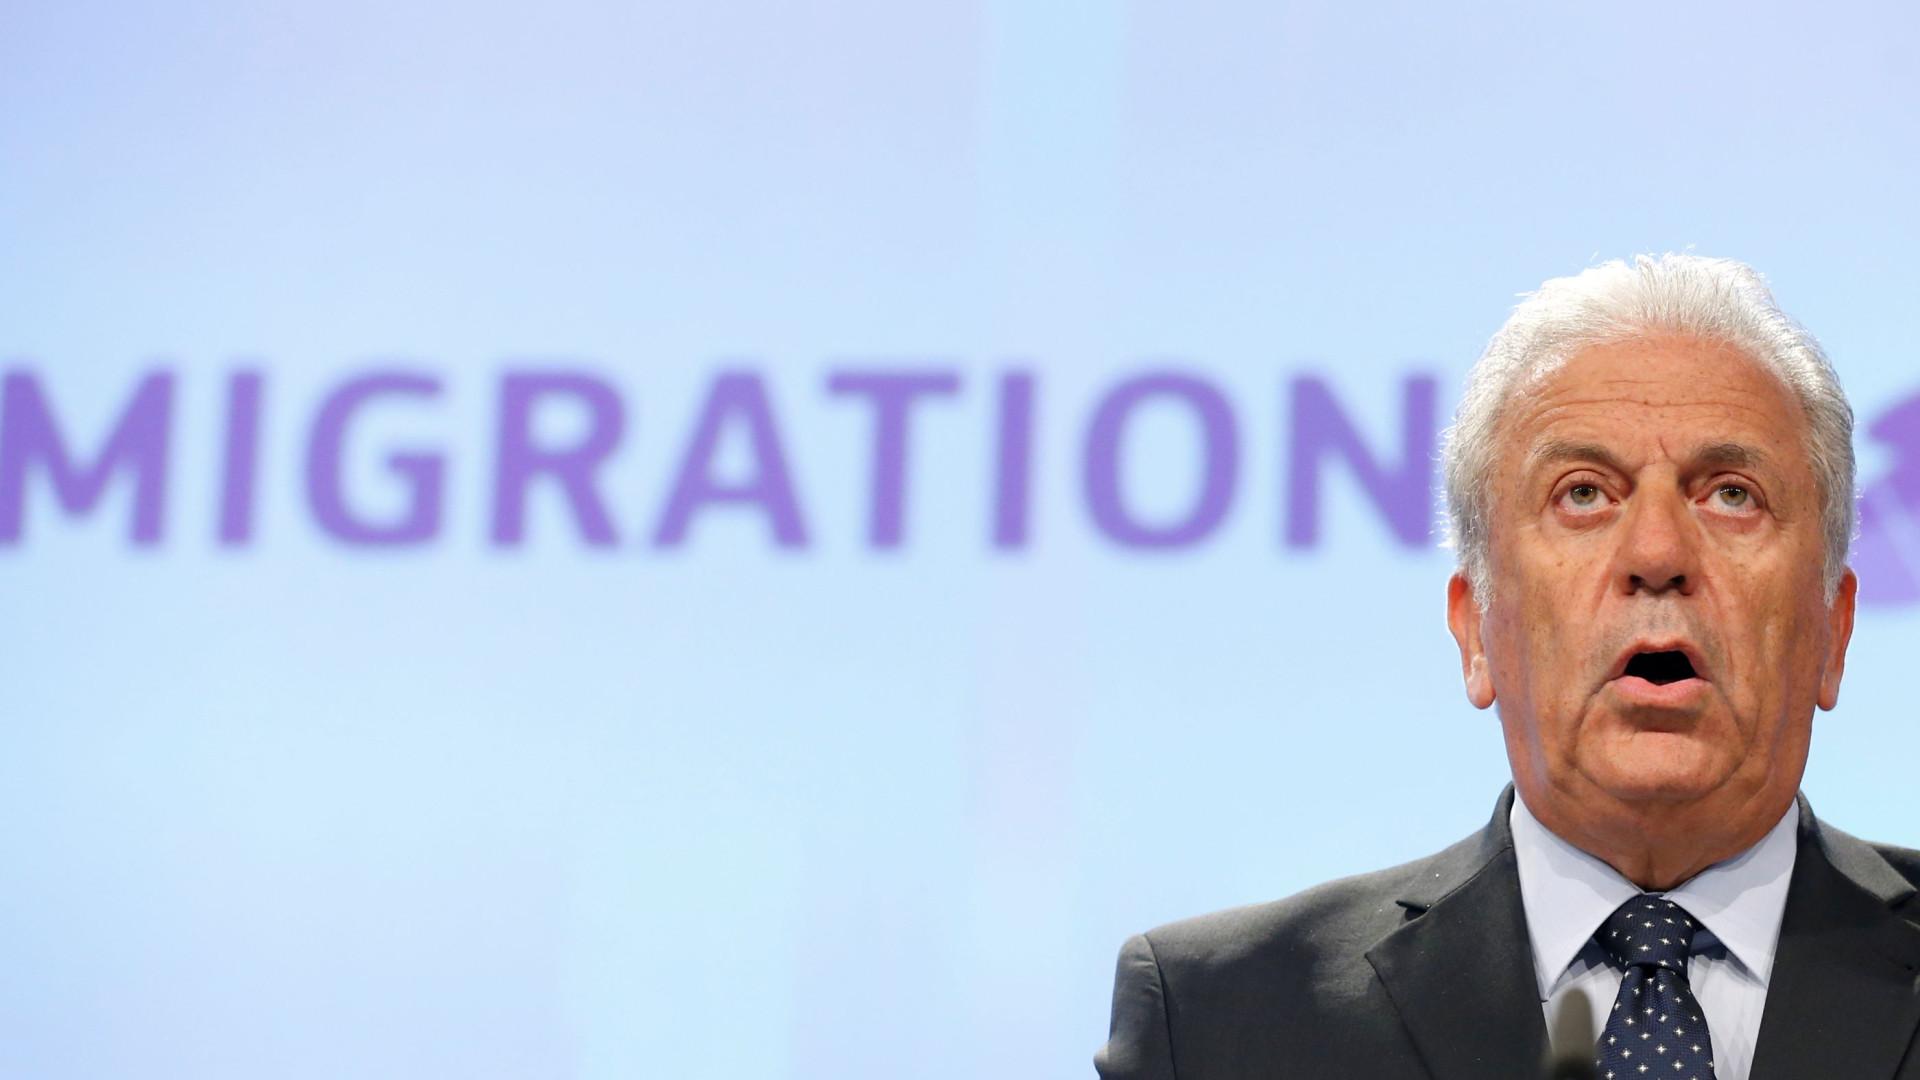 Bruxelas apela a reforço urgente de meios para patrulhar fronteiras